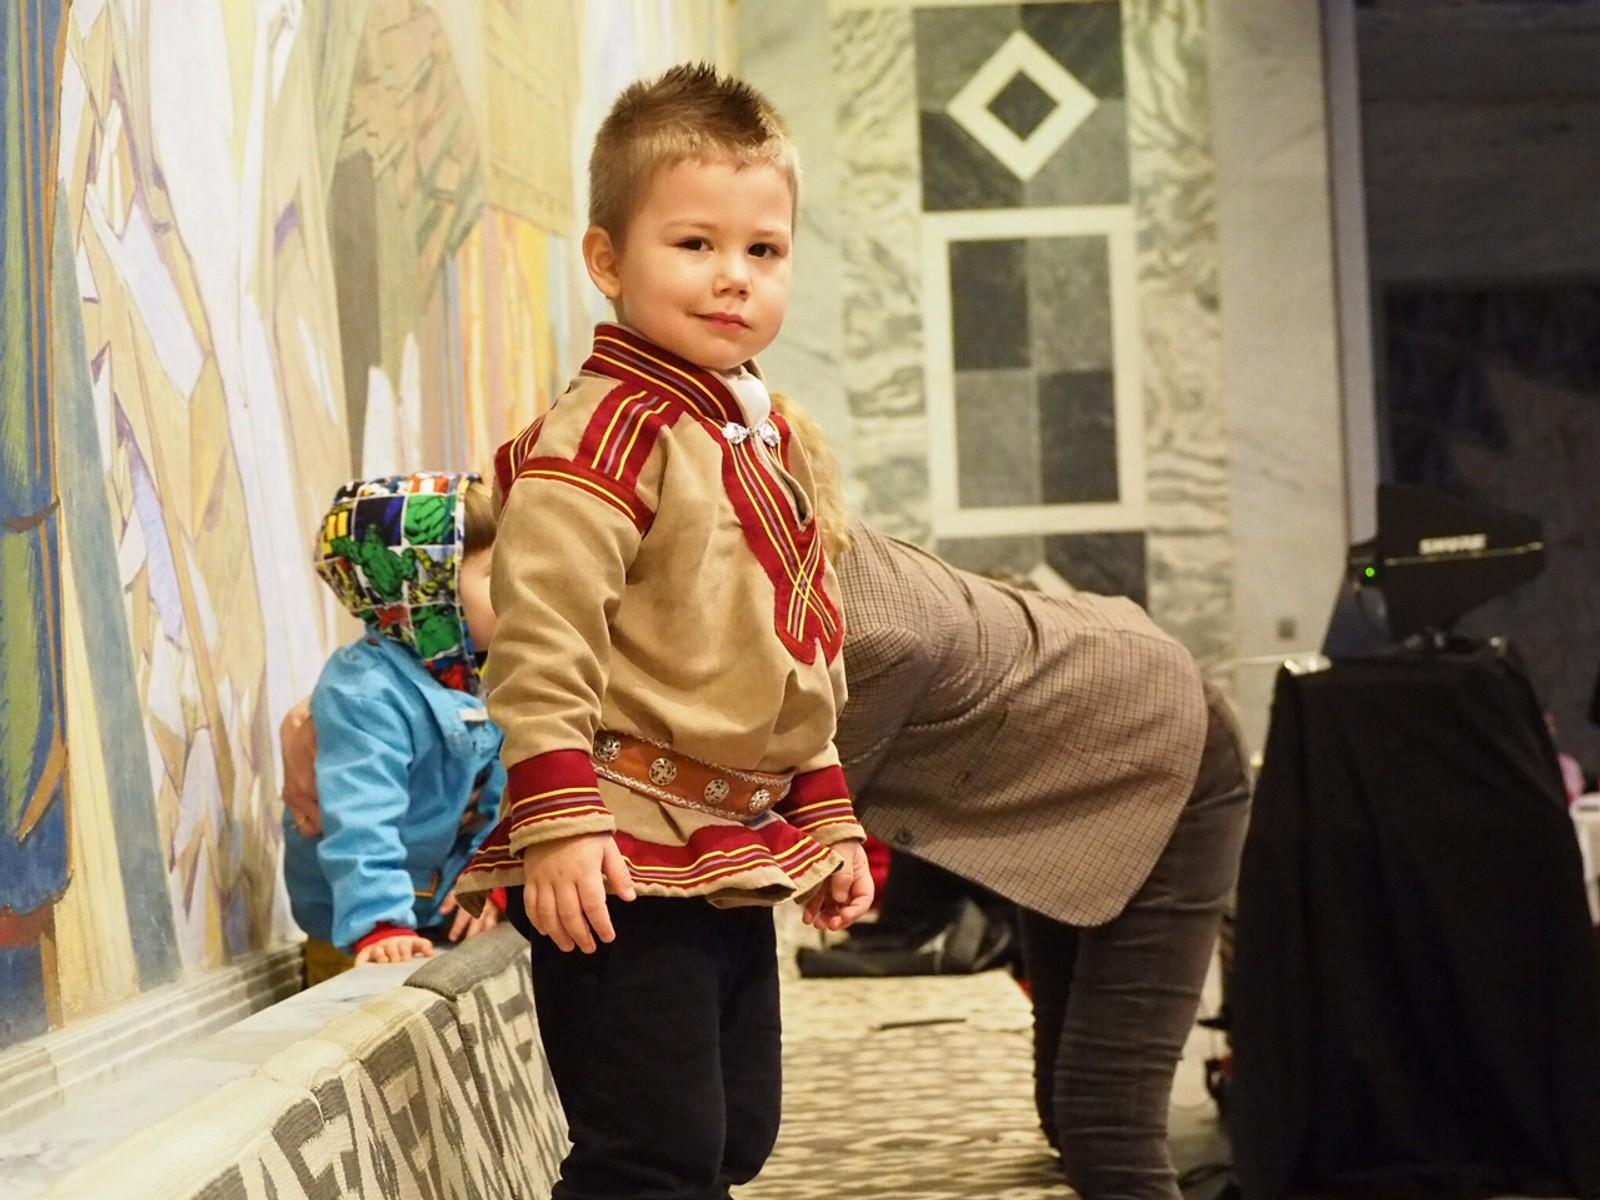 Det var mange koftekledde i Oslo rådhus, blant annet denne søte gutten!